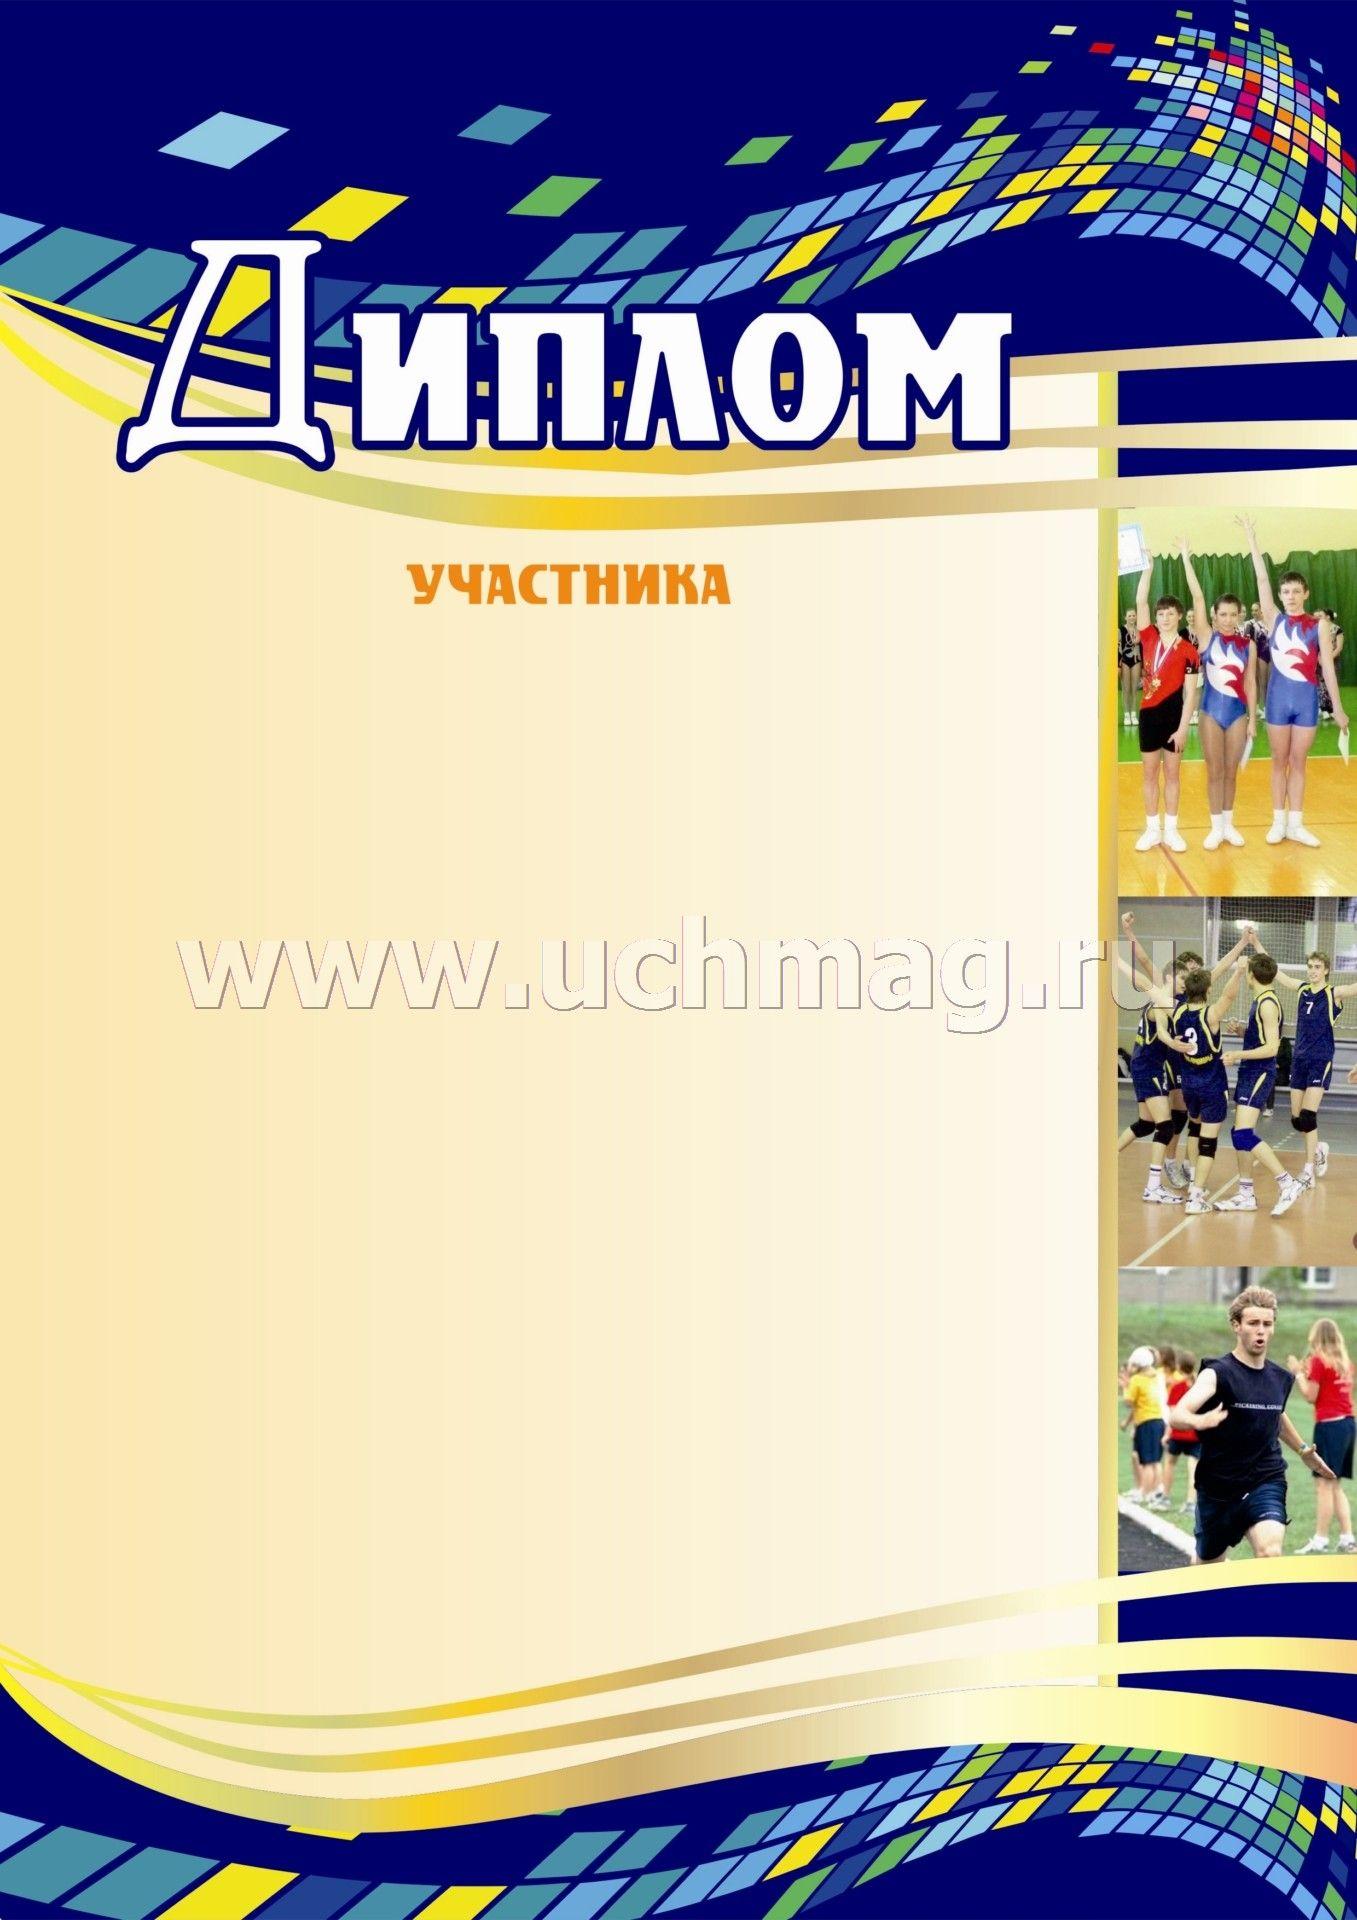 Диплом участника спорт синий купить по цене руб в  Диплом участника спорт синий интернет магазин УчМаг